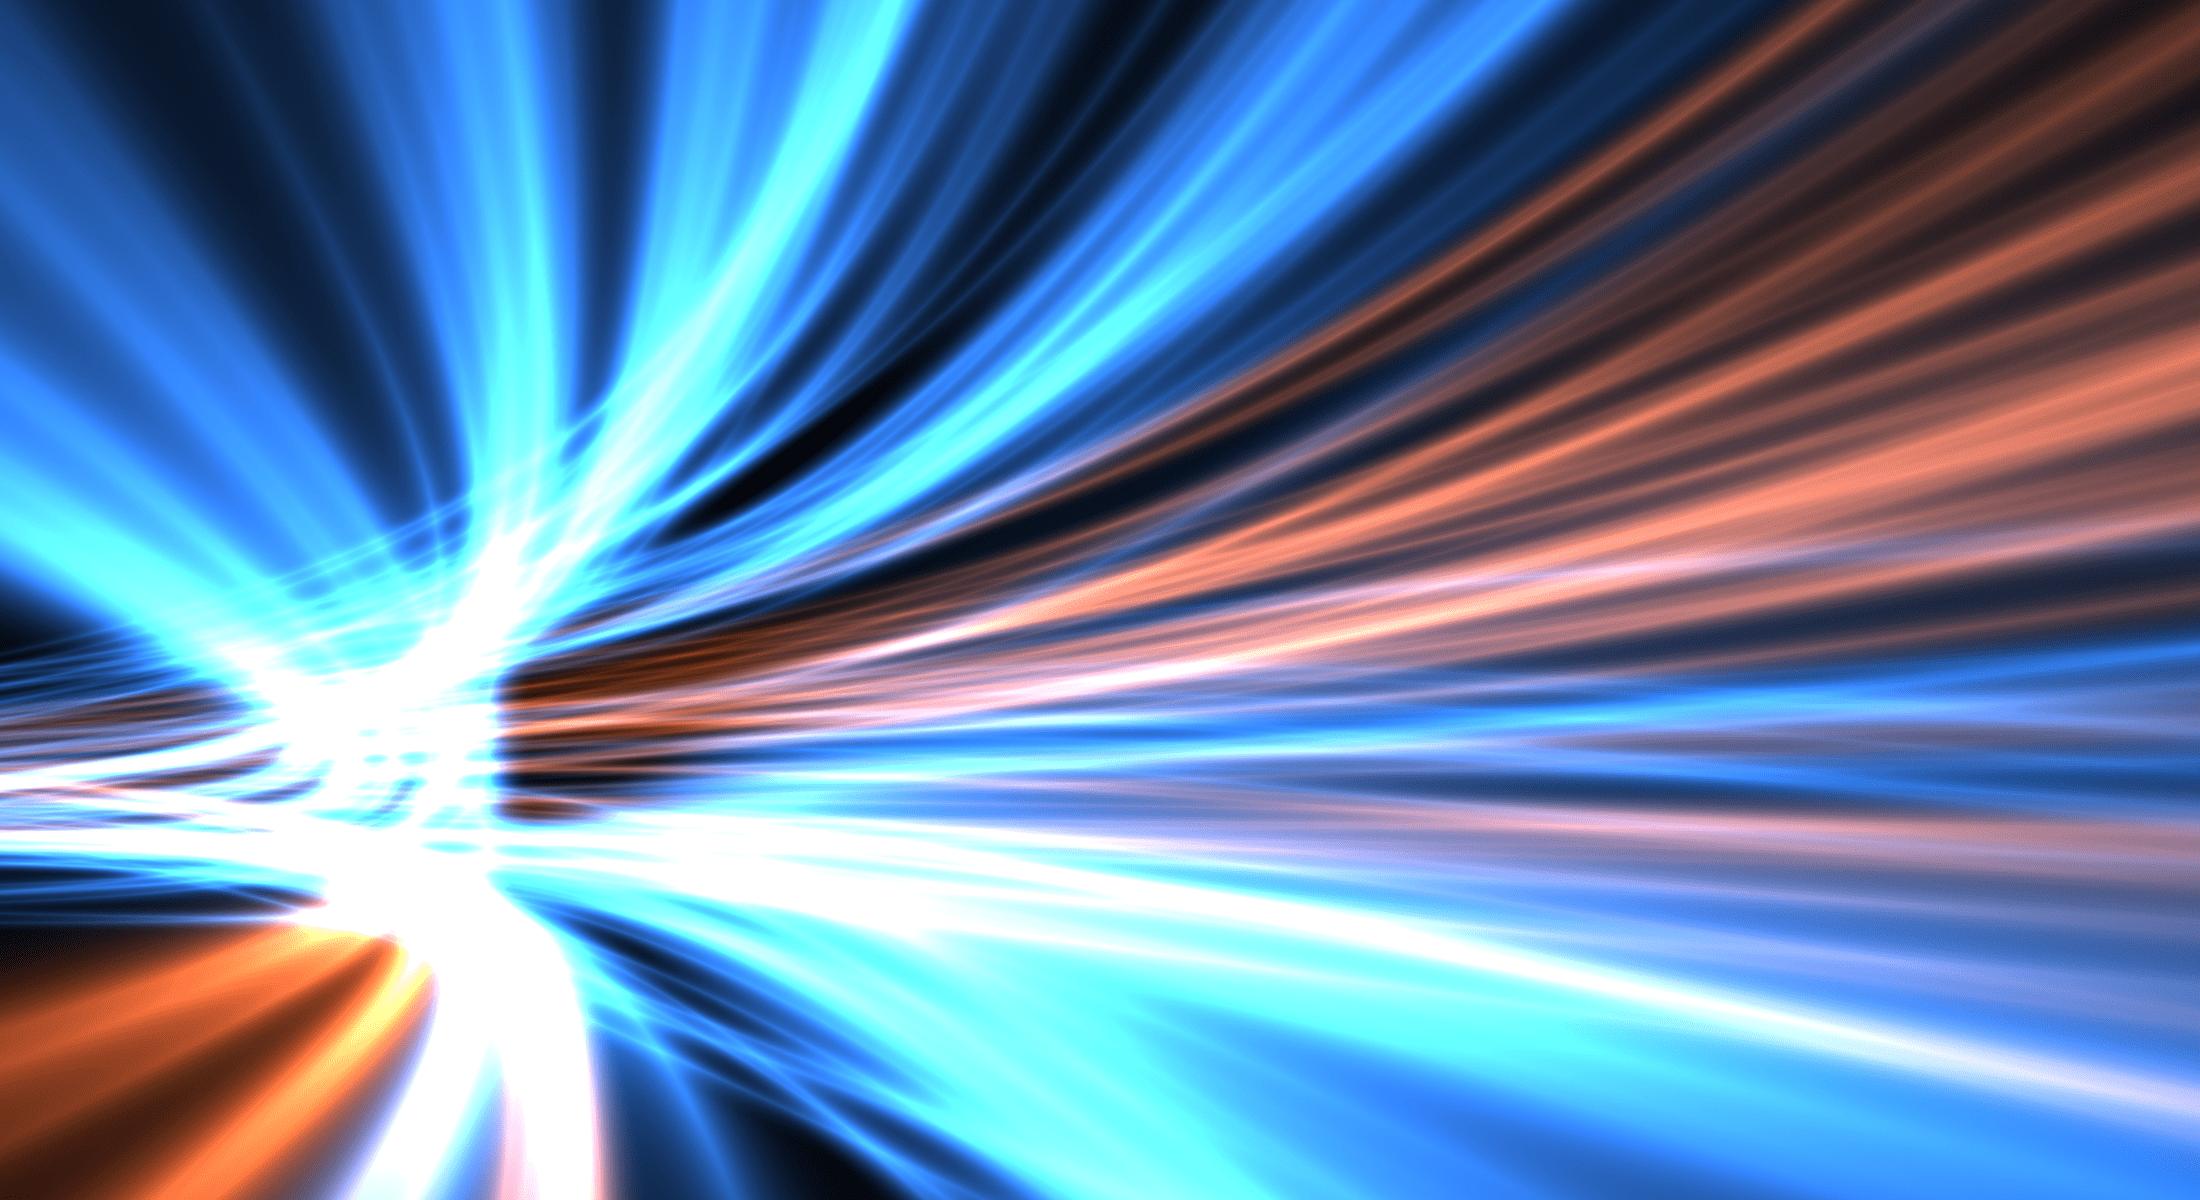 インターネットの光回線・光ファイバー   So-net